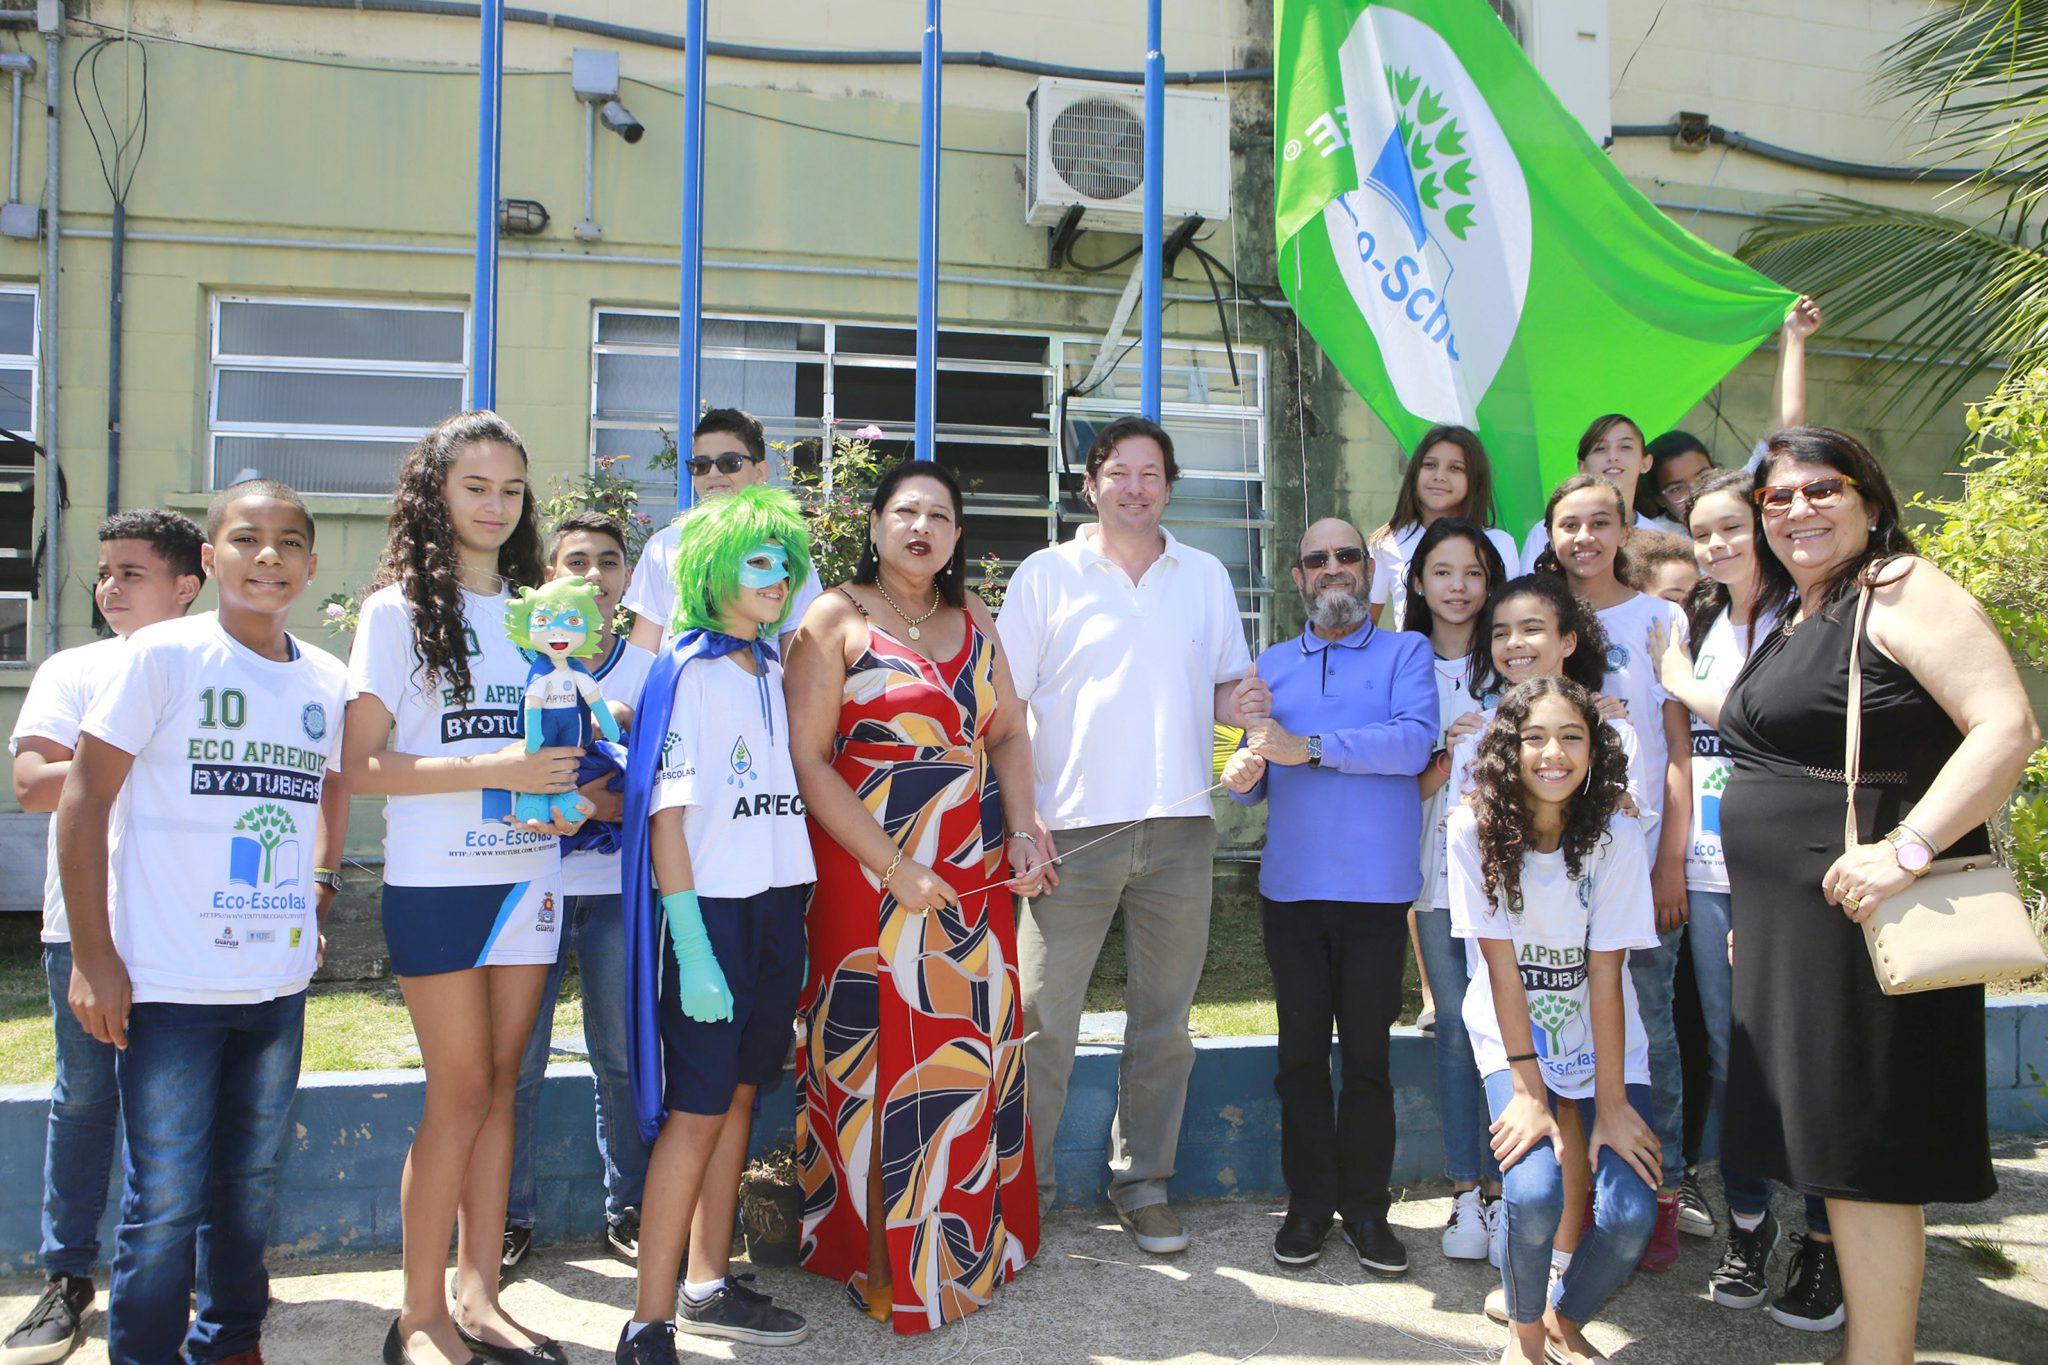 Guarujá é exemplo em programa mundial de educação sustentável